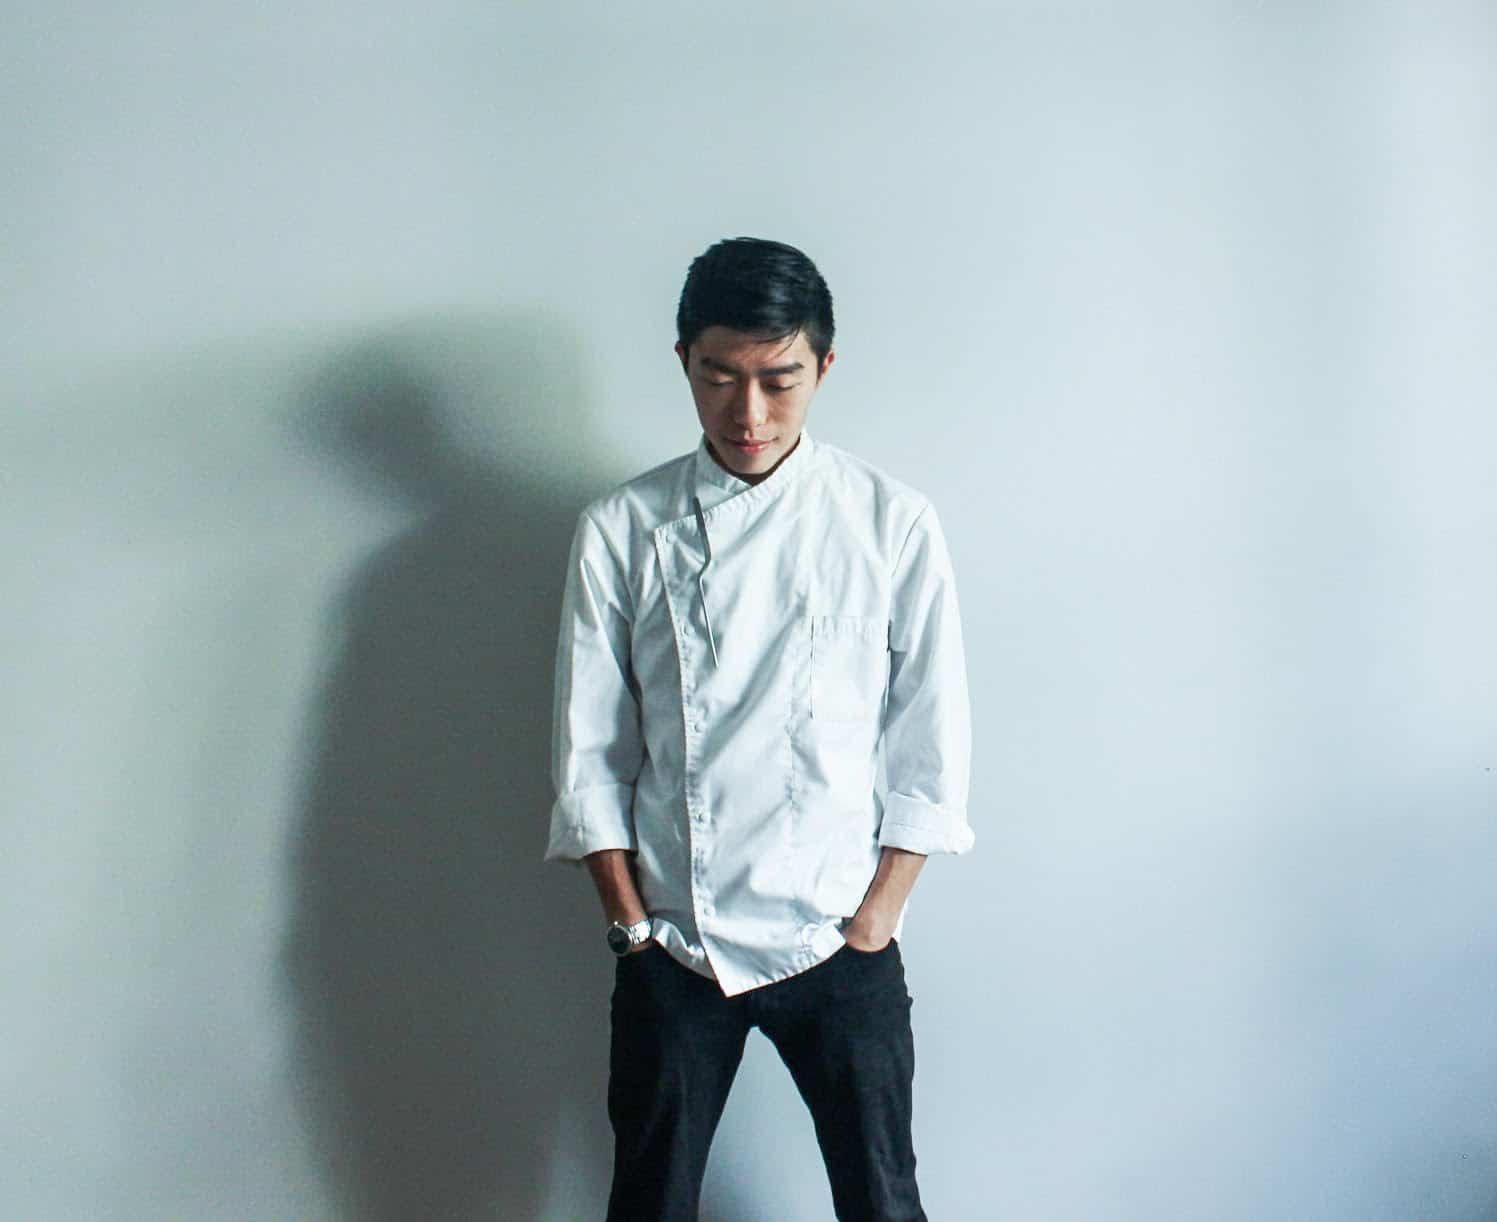 【逐浪世代焦點人物 : 林皇初】從工程界到料理界,忠於自己的心,才能獲得更多